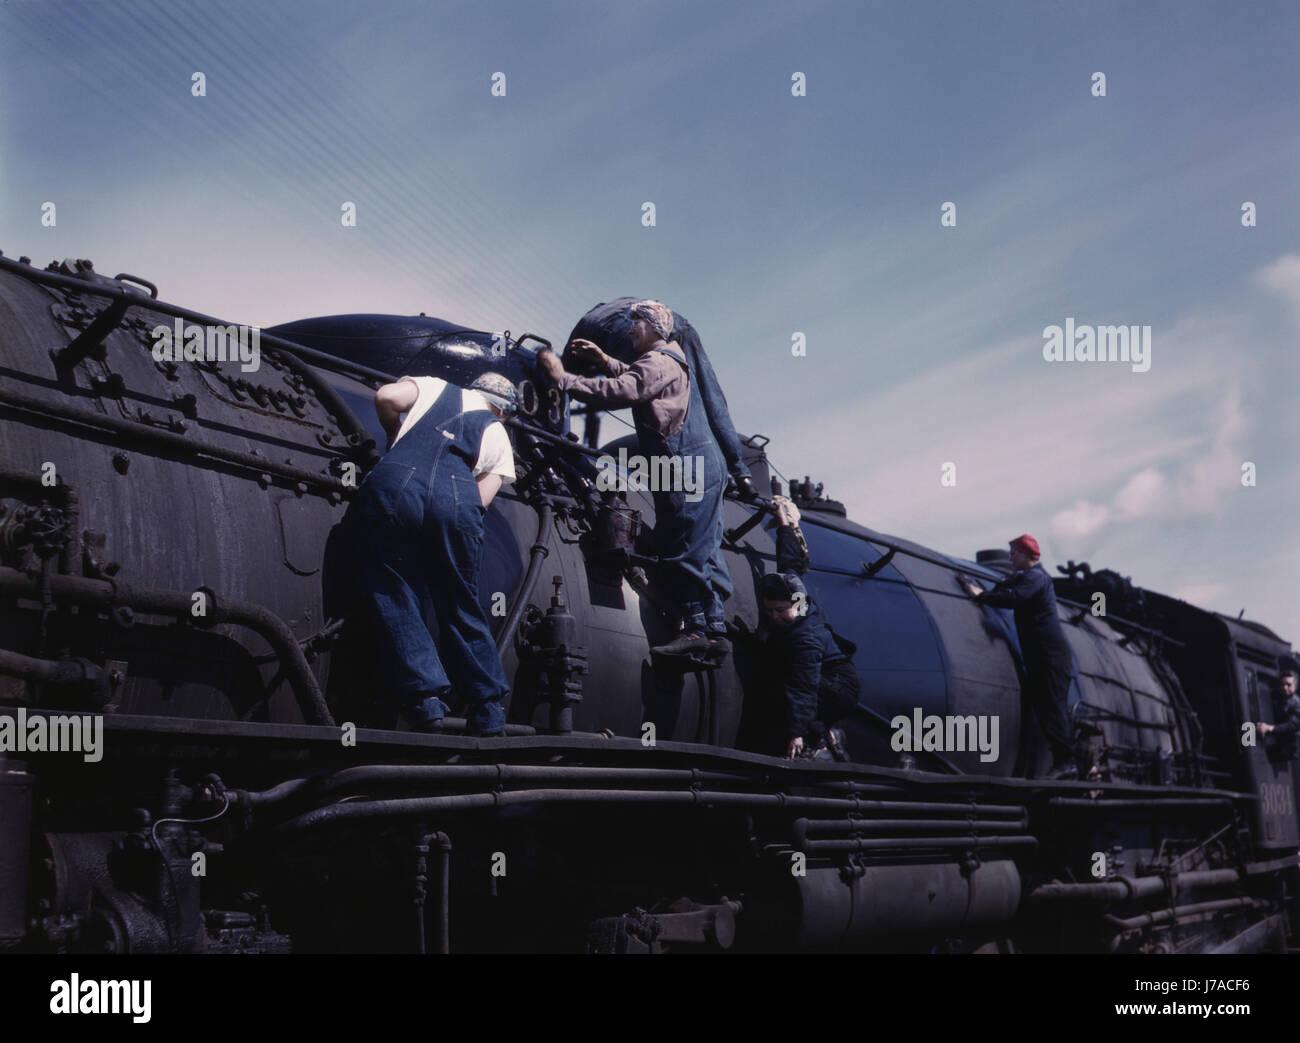 Frauen, die Reinigung eines riesigen H Lokomotiven der Baureihe, Clinton, Iowa. Stockbild